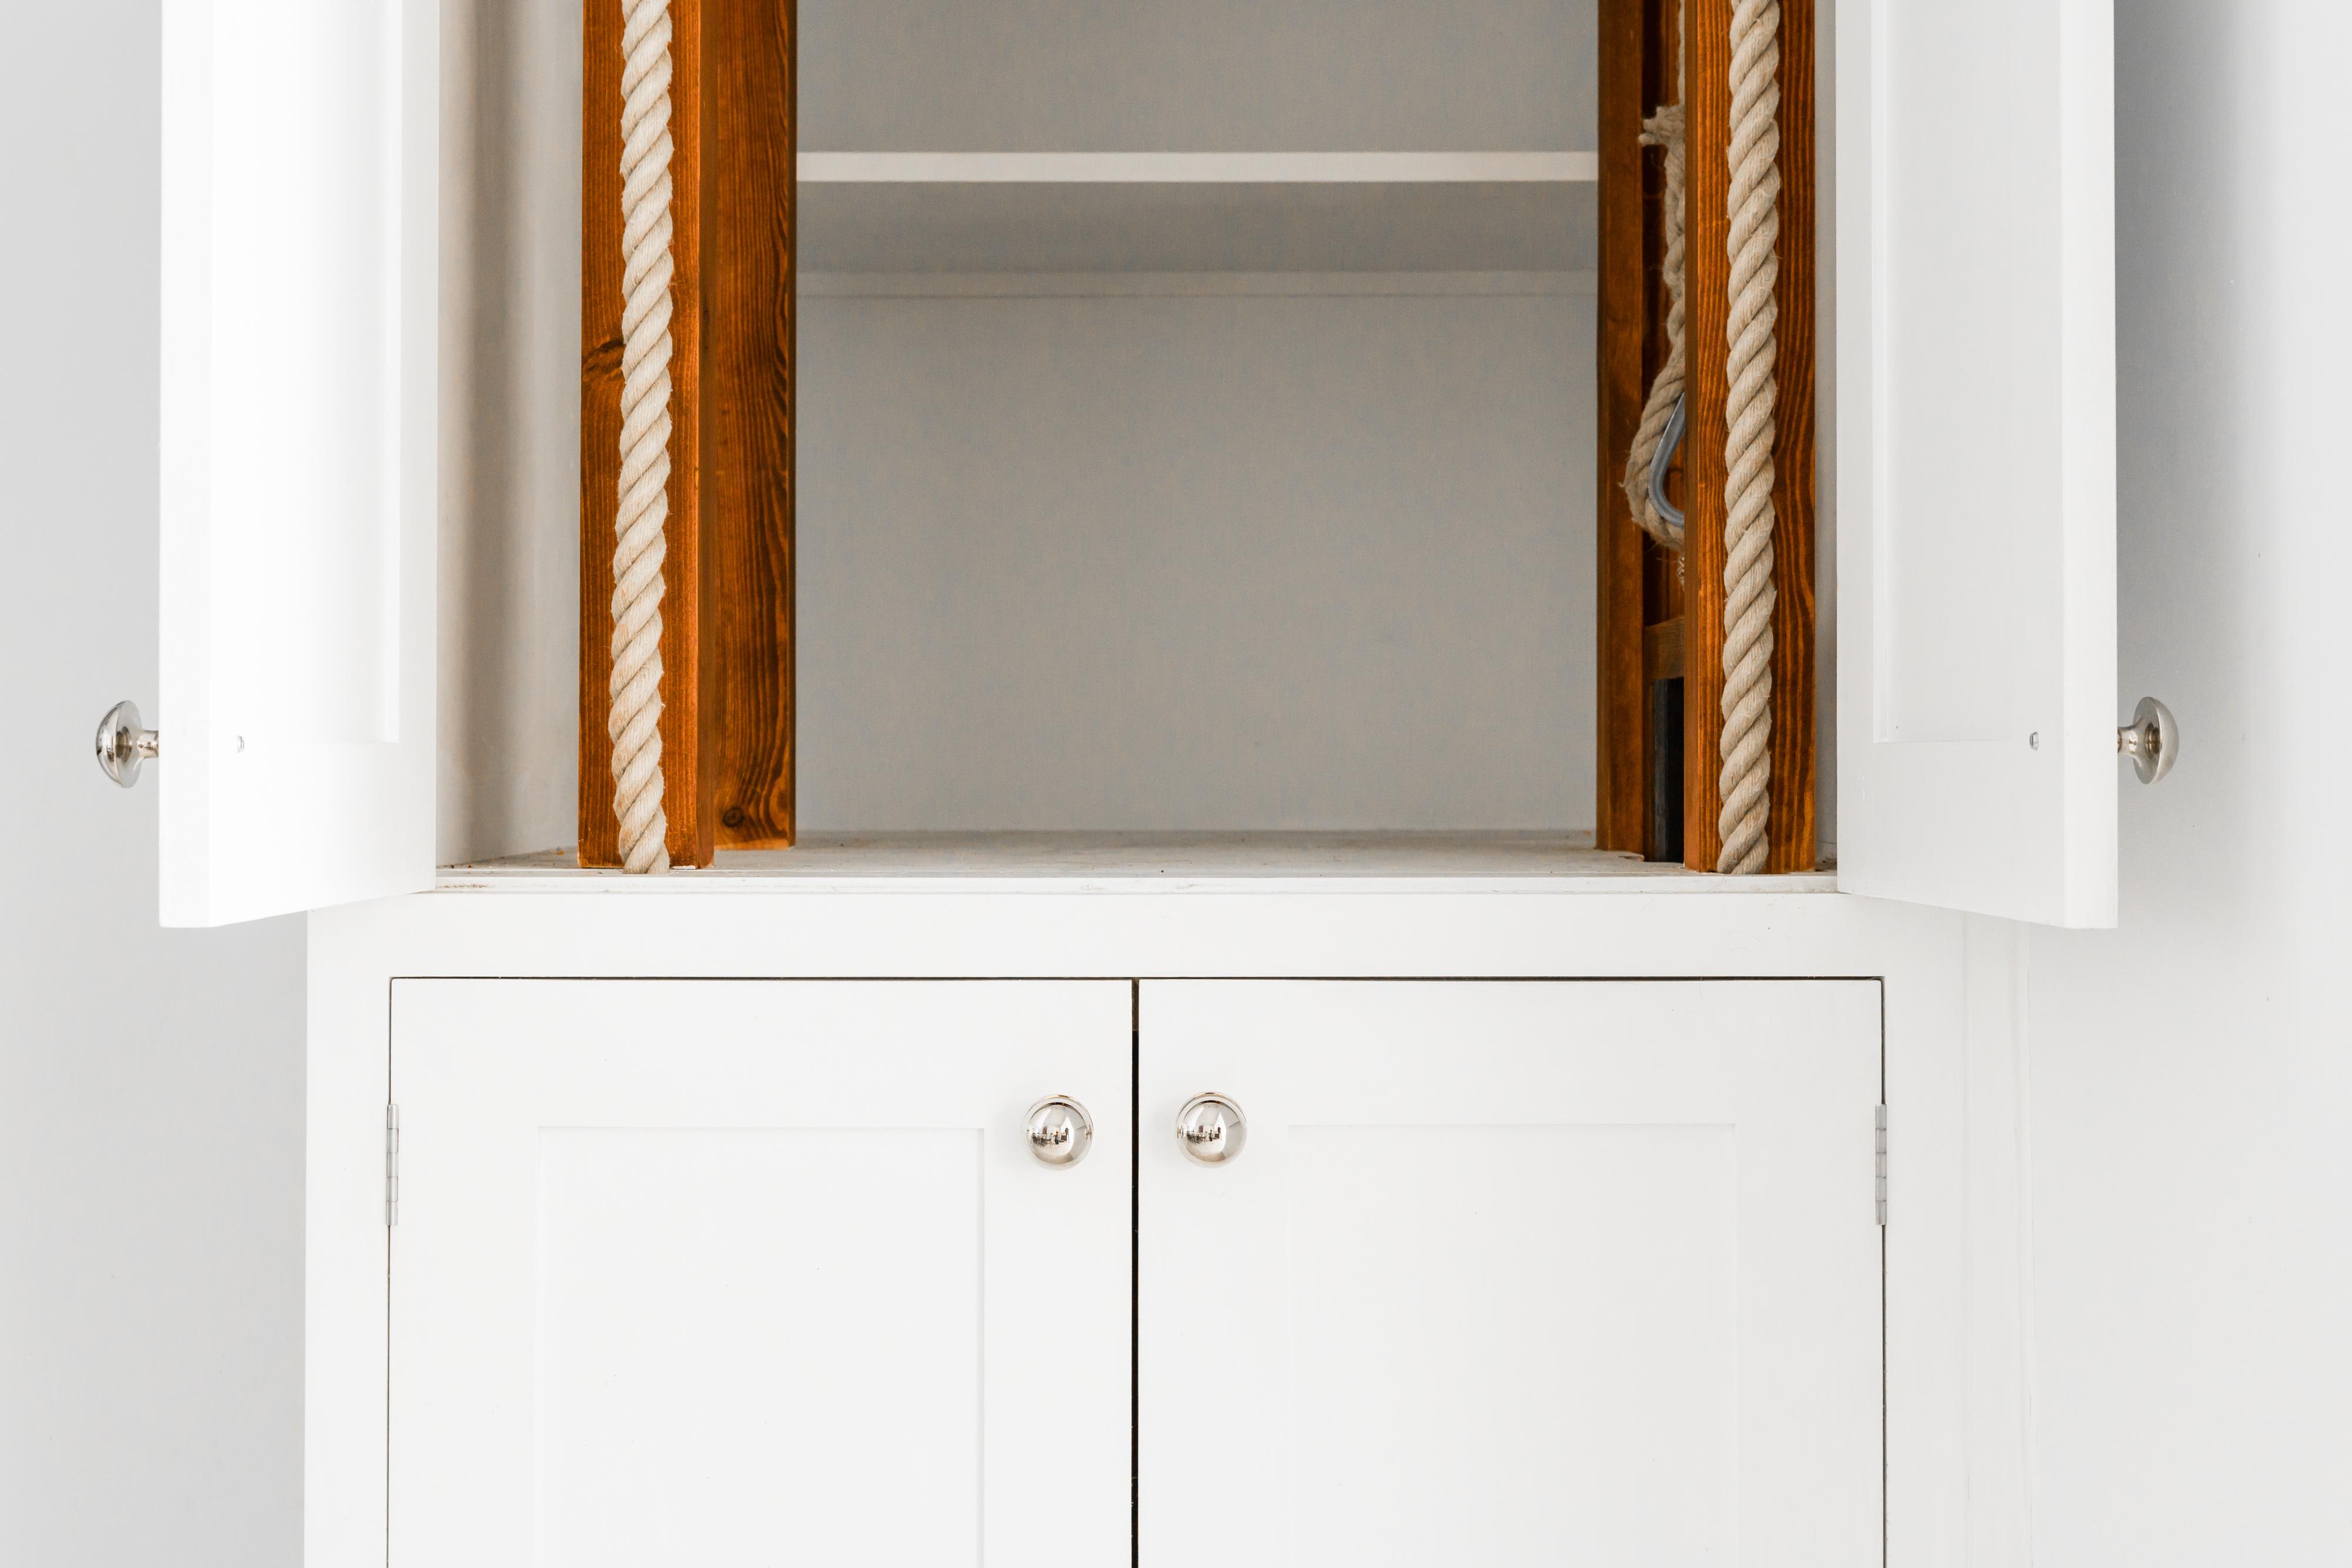 Handmade interior Bespoke Cabinetry